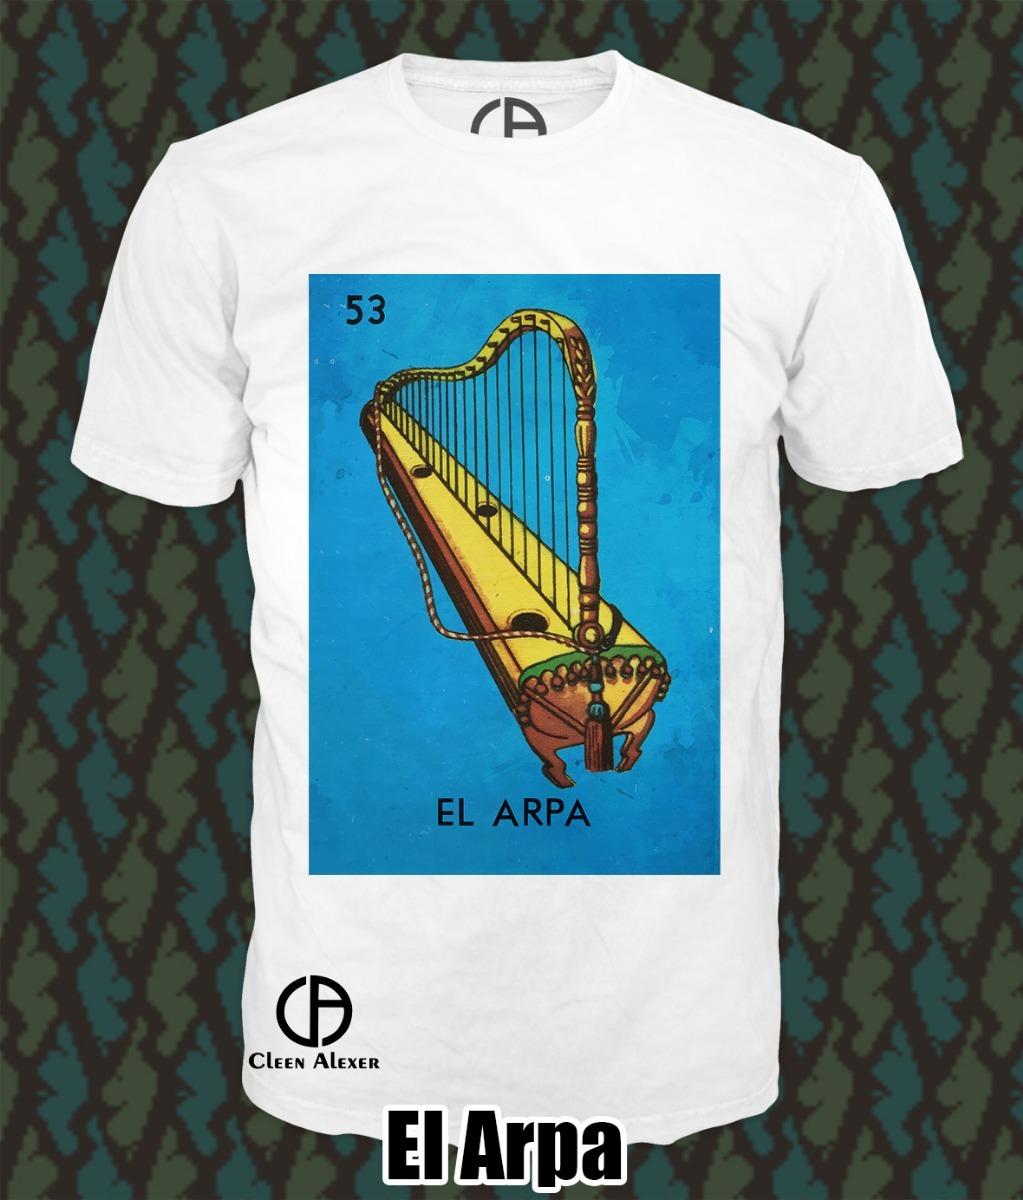 7 Camisetas Loteria Mexicana -   890.00 en Mercado Libre d8d692f54a2b9